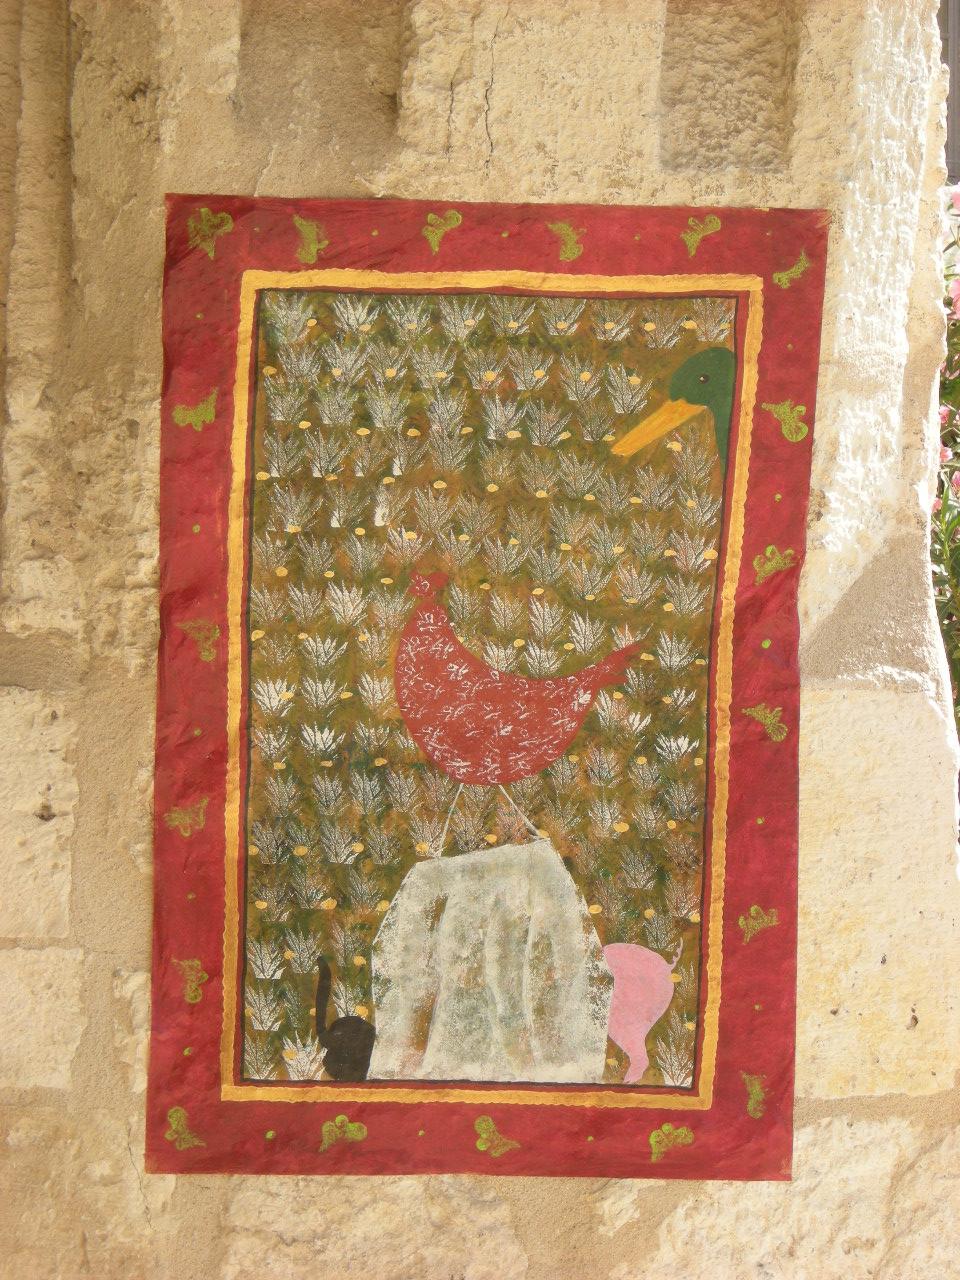 La petite poule rousse - Florence Racine